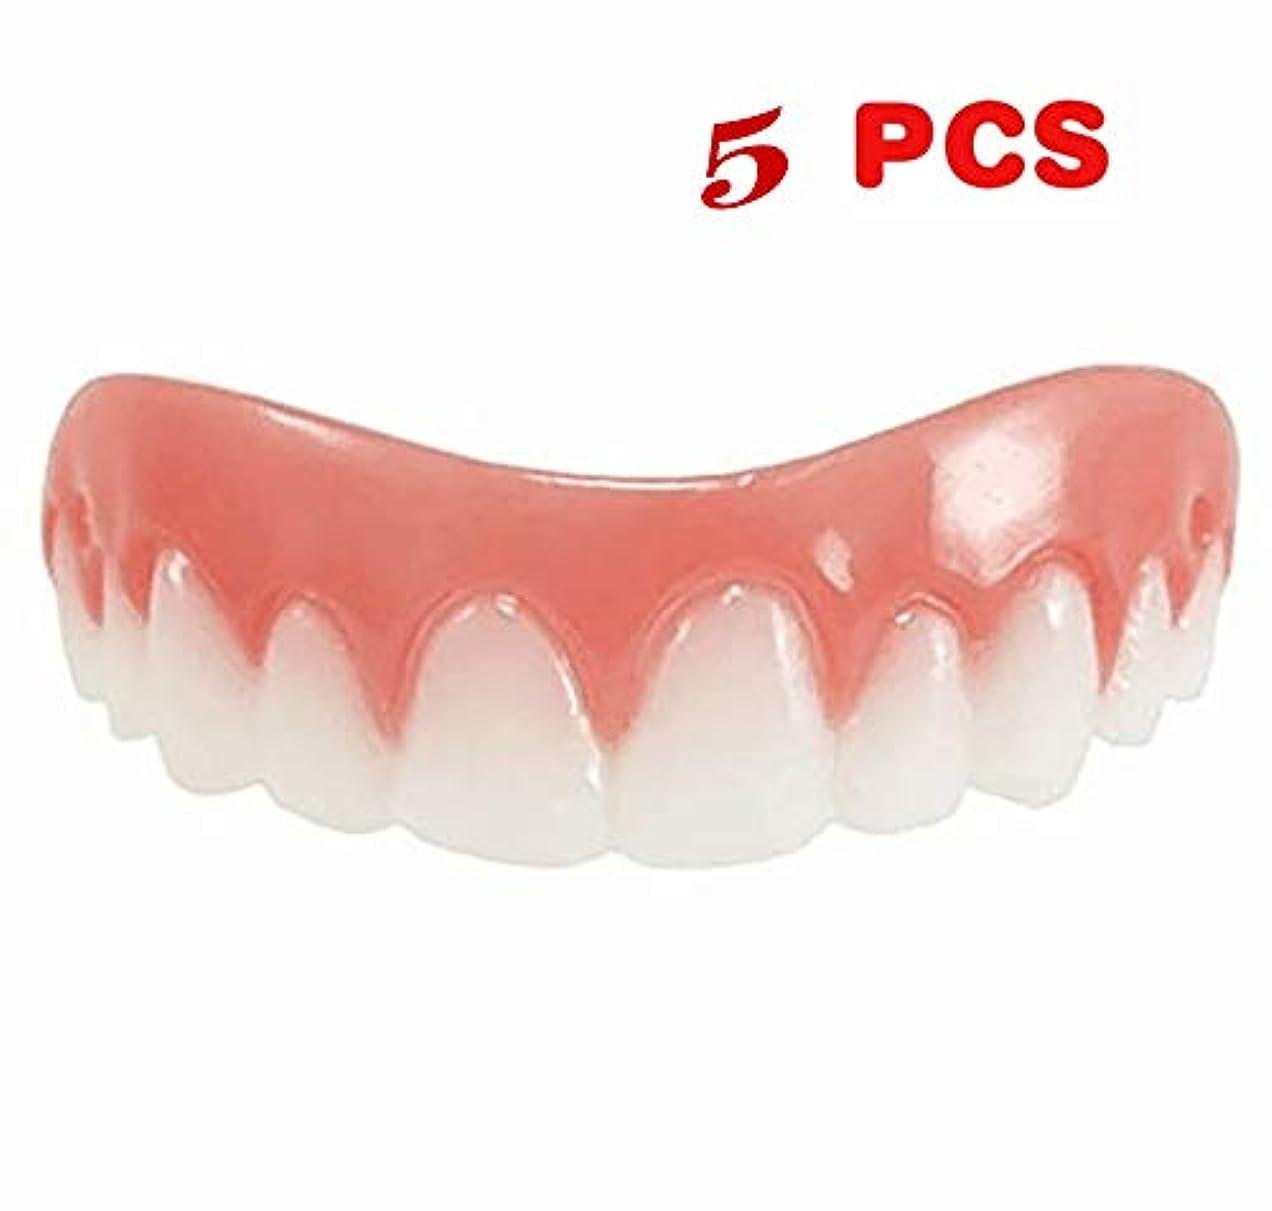 靄インレイ古い新しい再利用可能な大人のスナップオンパーフェクトスマイルホワイトニング義歯フィットフレックス化粧品歯快適なベニアカバーデンタルケアアクセサリー